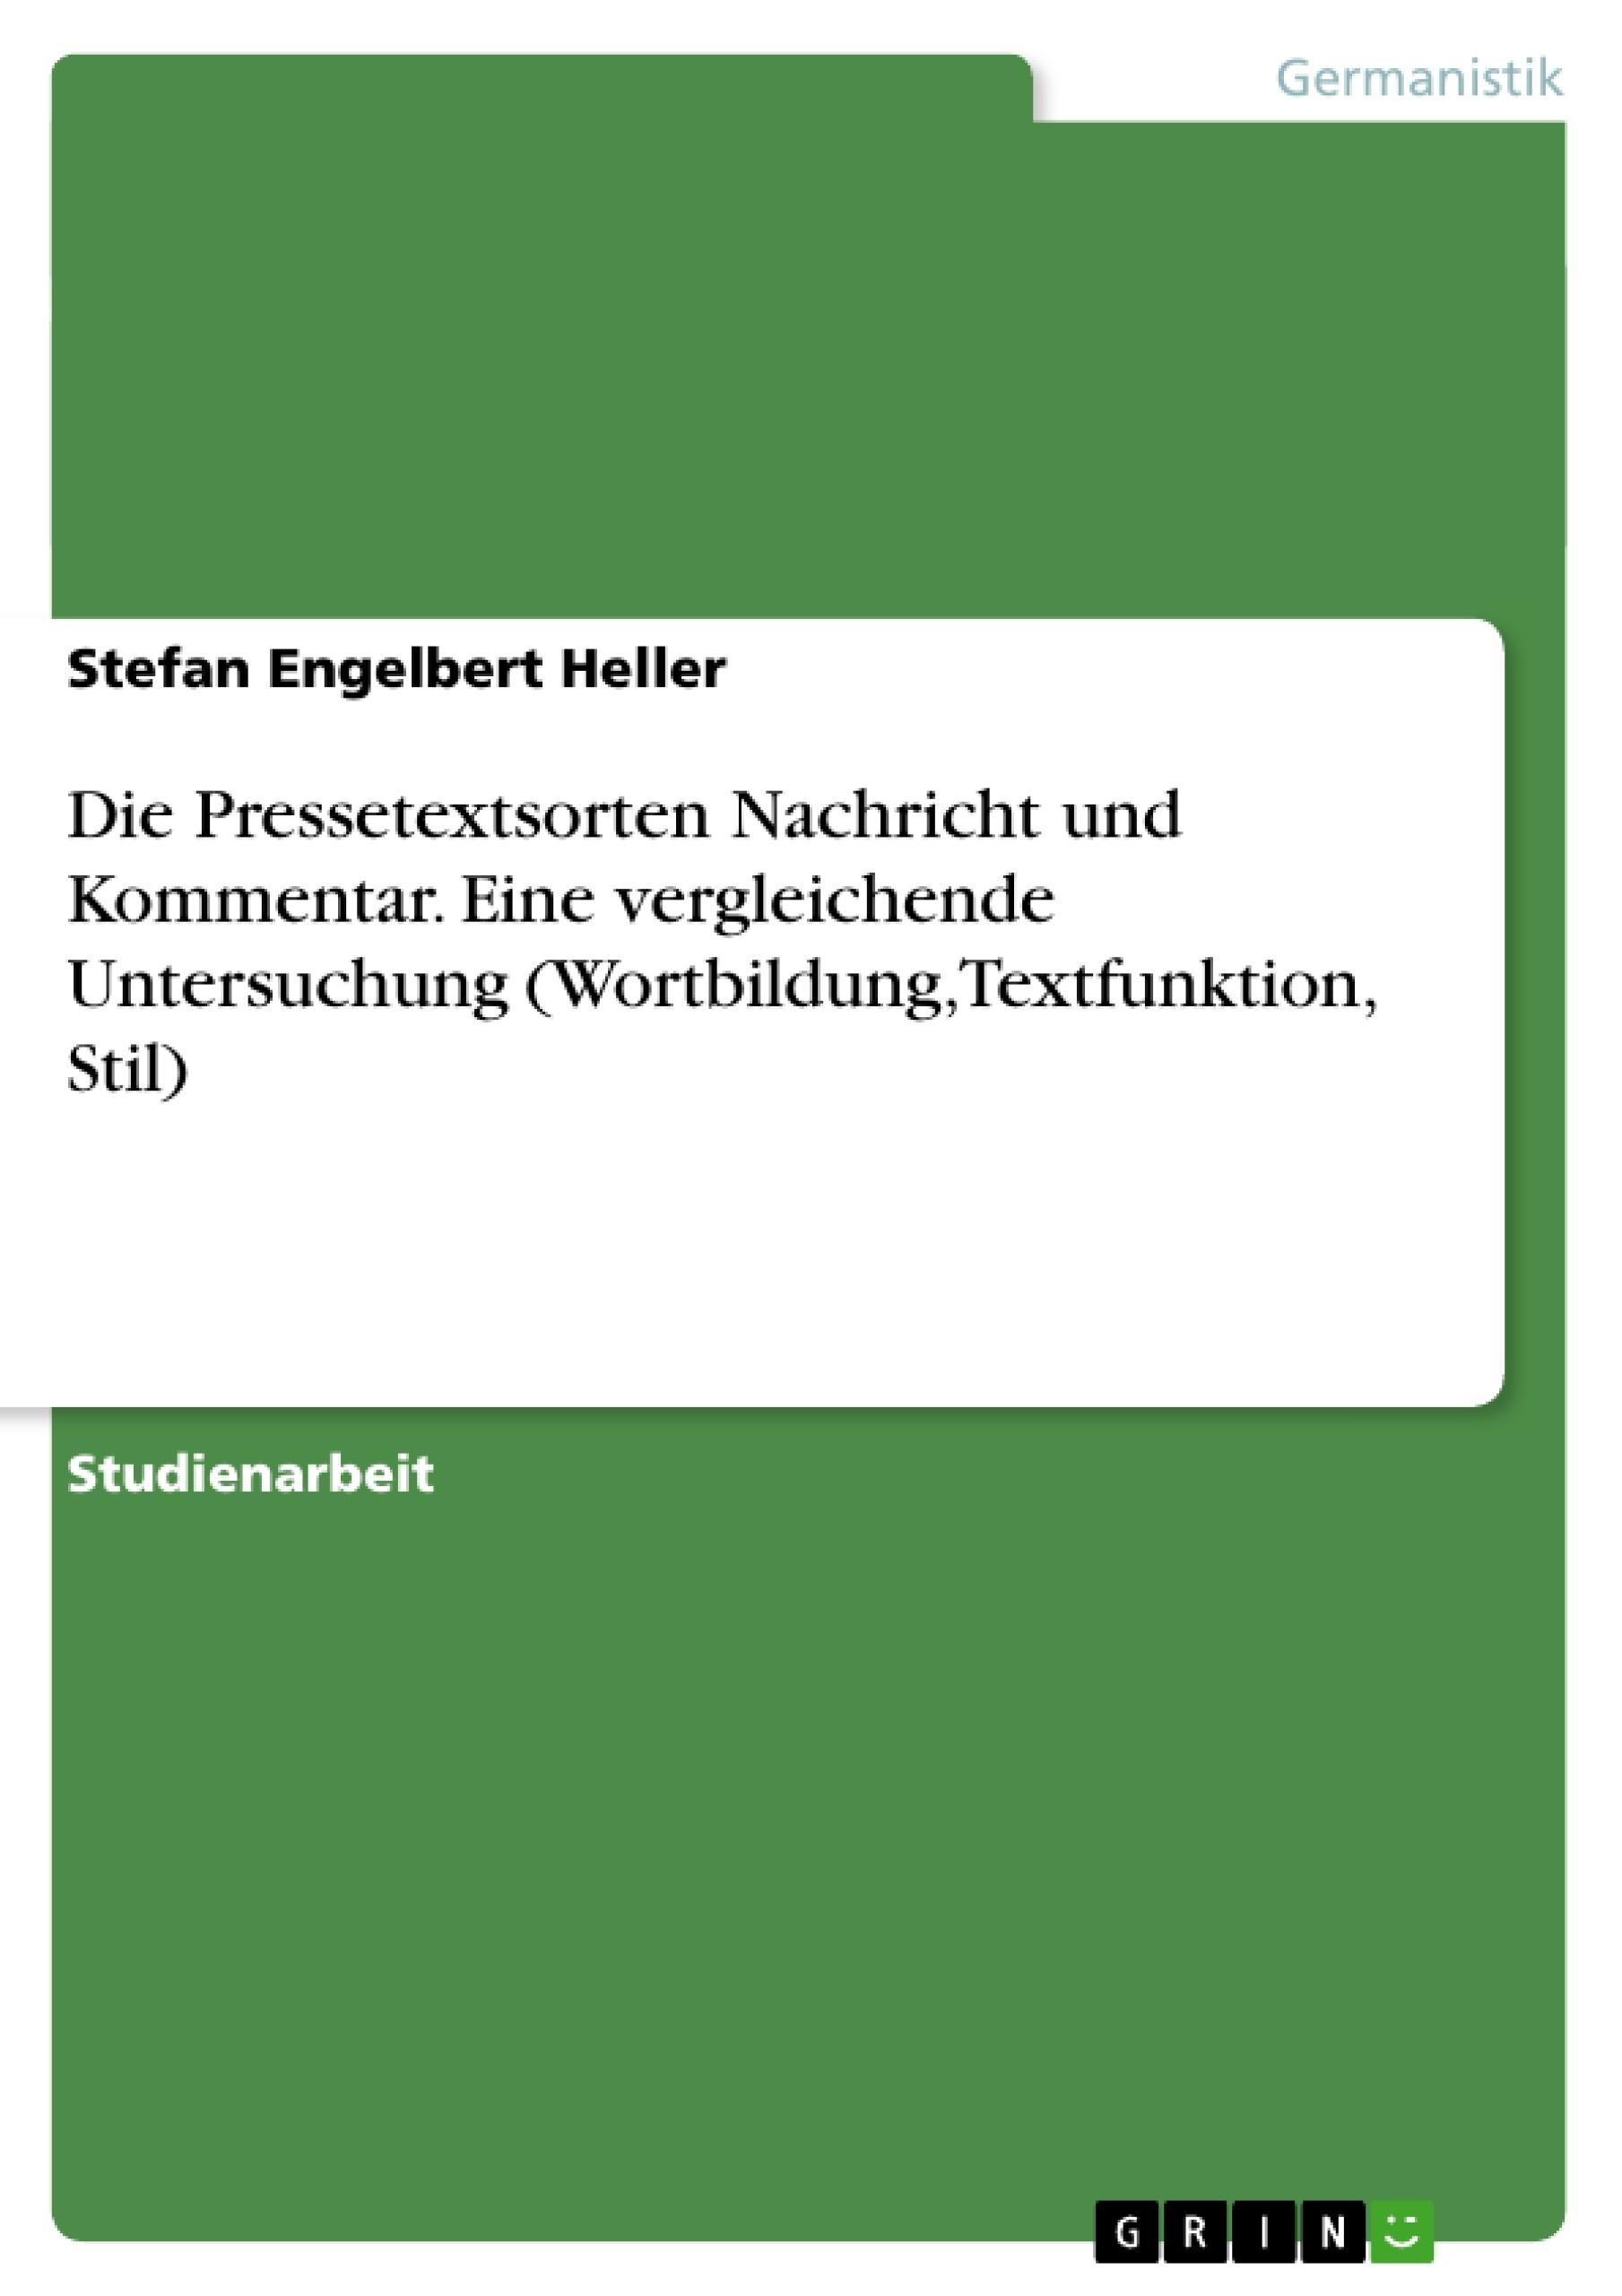 Titel: Die Pressetextsorten Nachricht und Kommentar. Vergleich von Wortbildung, Textfunktion und Stil